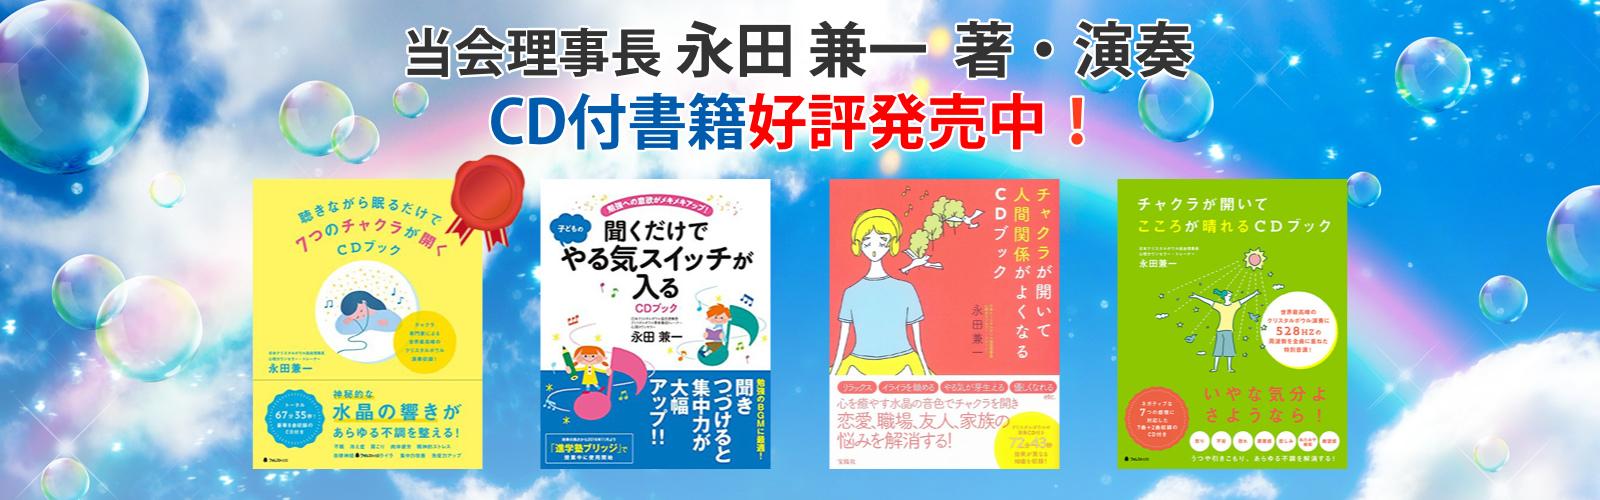 永田 兼一著・演奏のCD付書籍好評発売中!